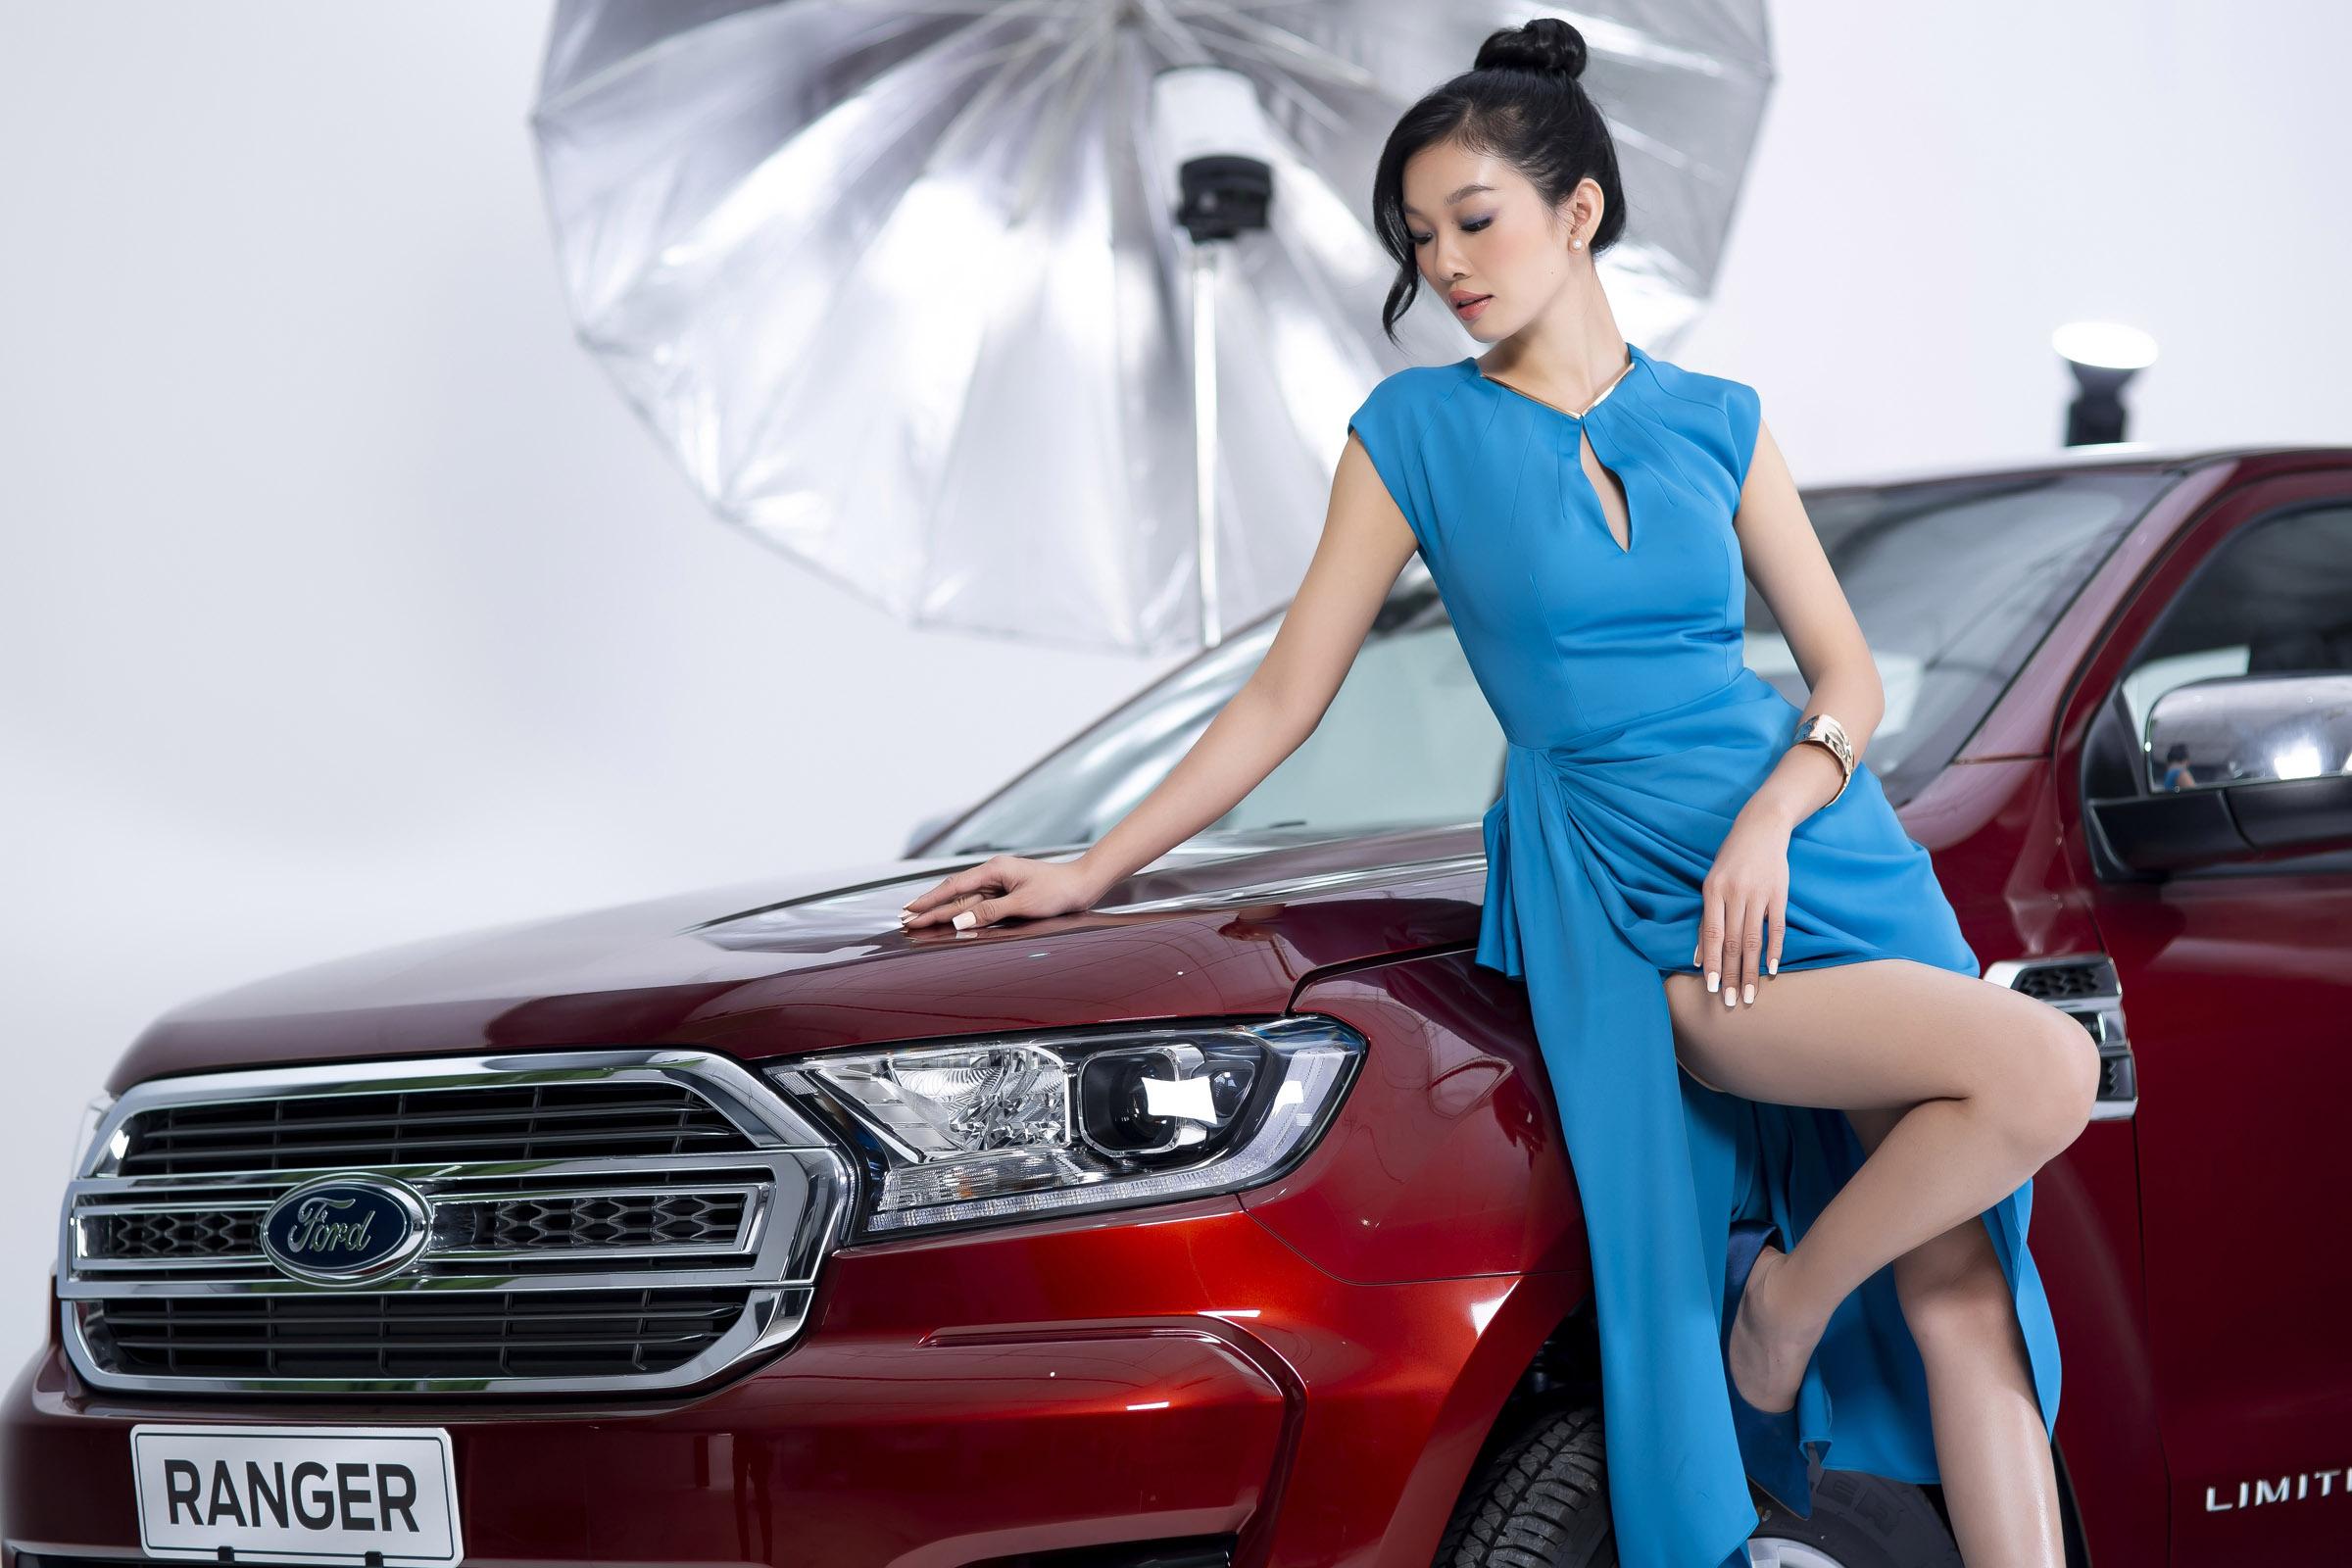 Xe bán tải thể hiện cá tính mạnh mẽ của người phụ nữ